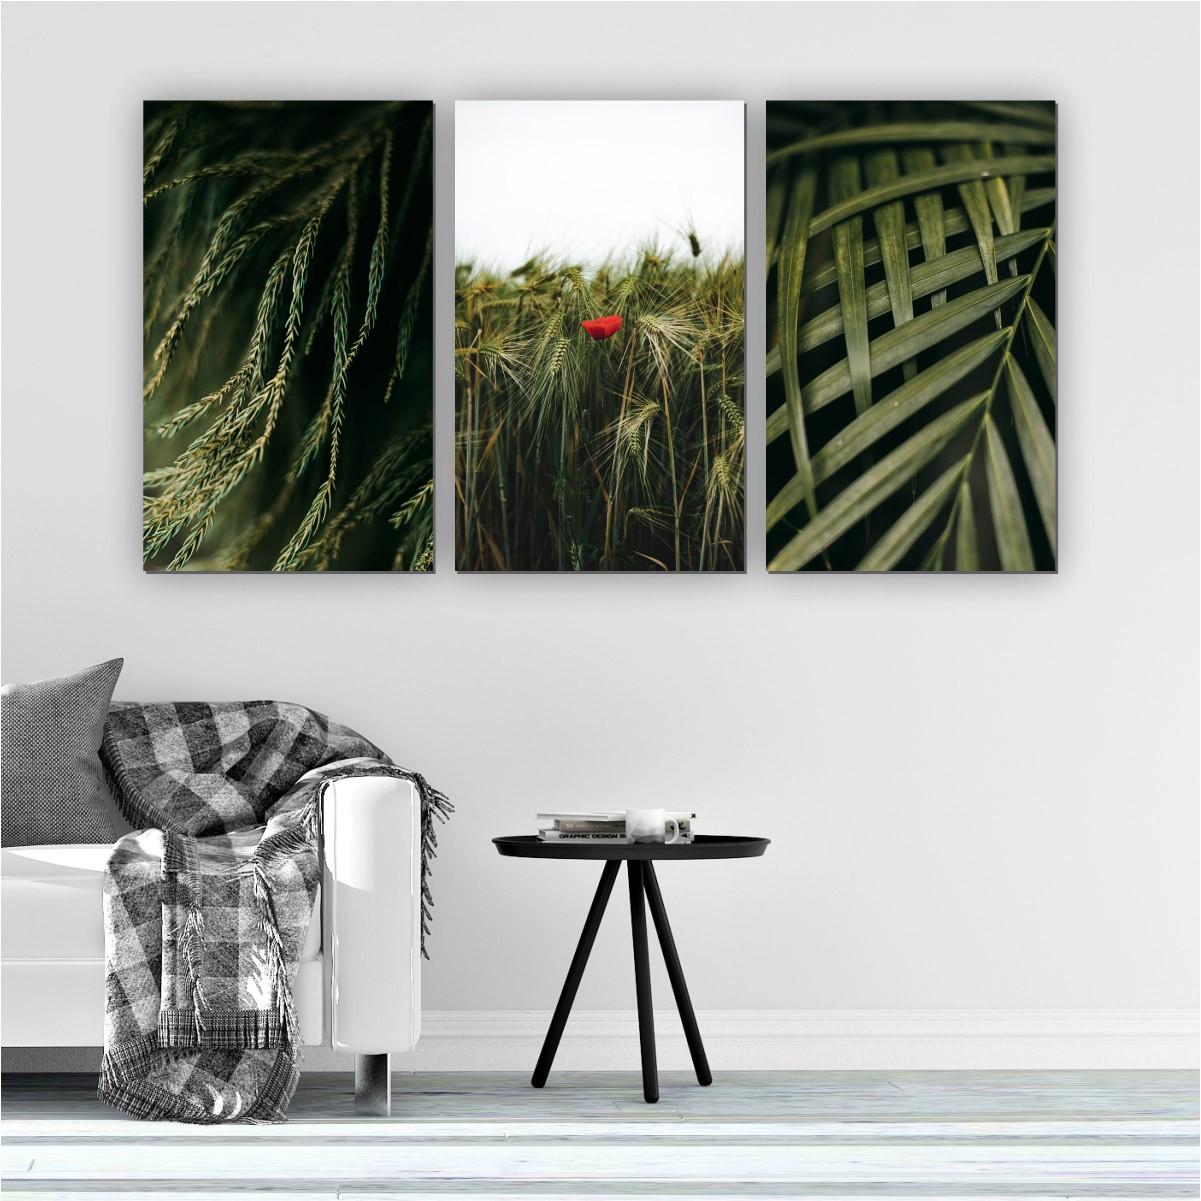 Quadros Decorativos Mosaico Quarto Sala Folhas 3 peças - 126x65cm